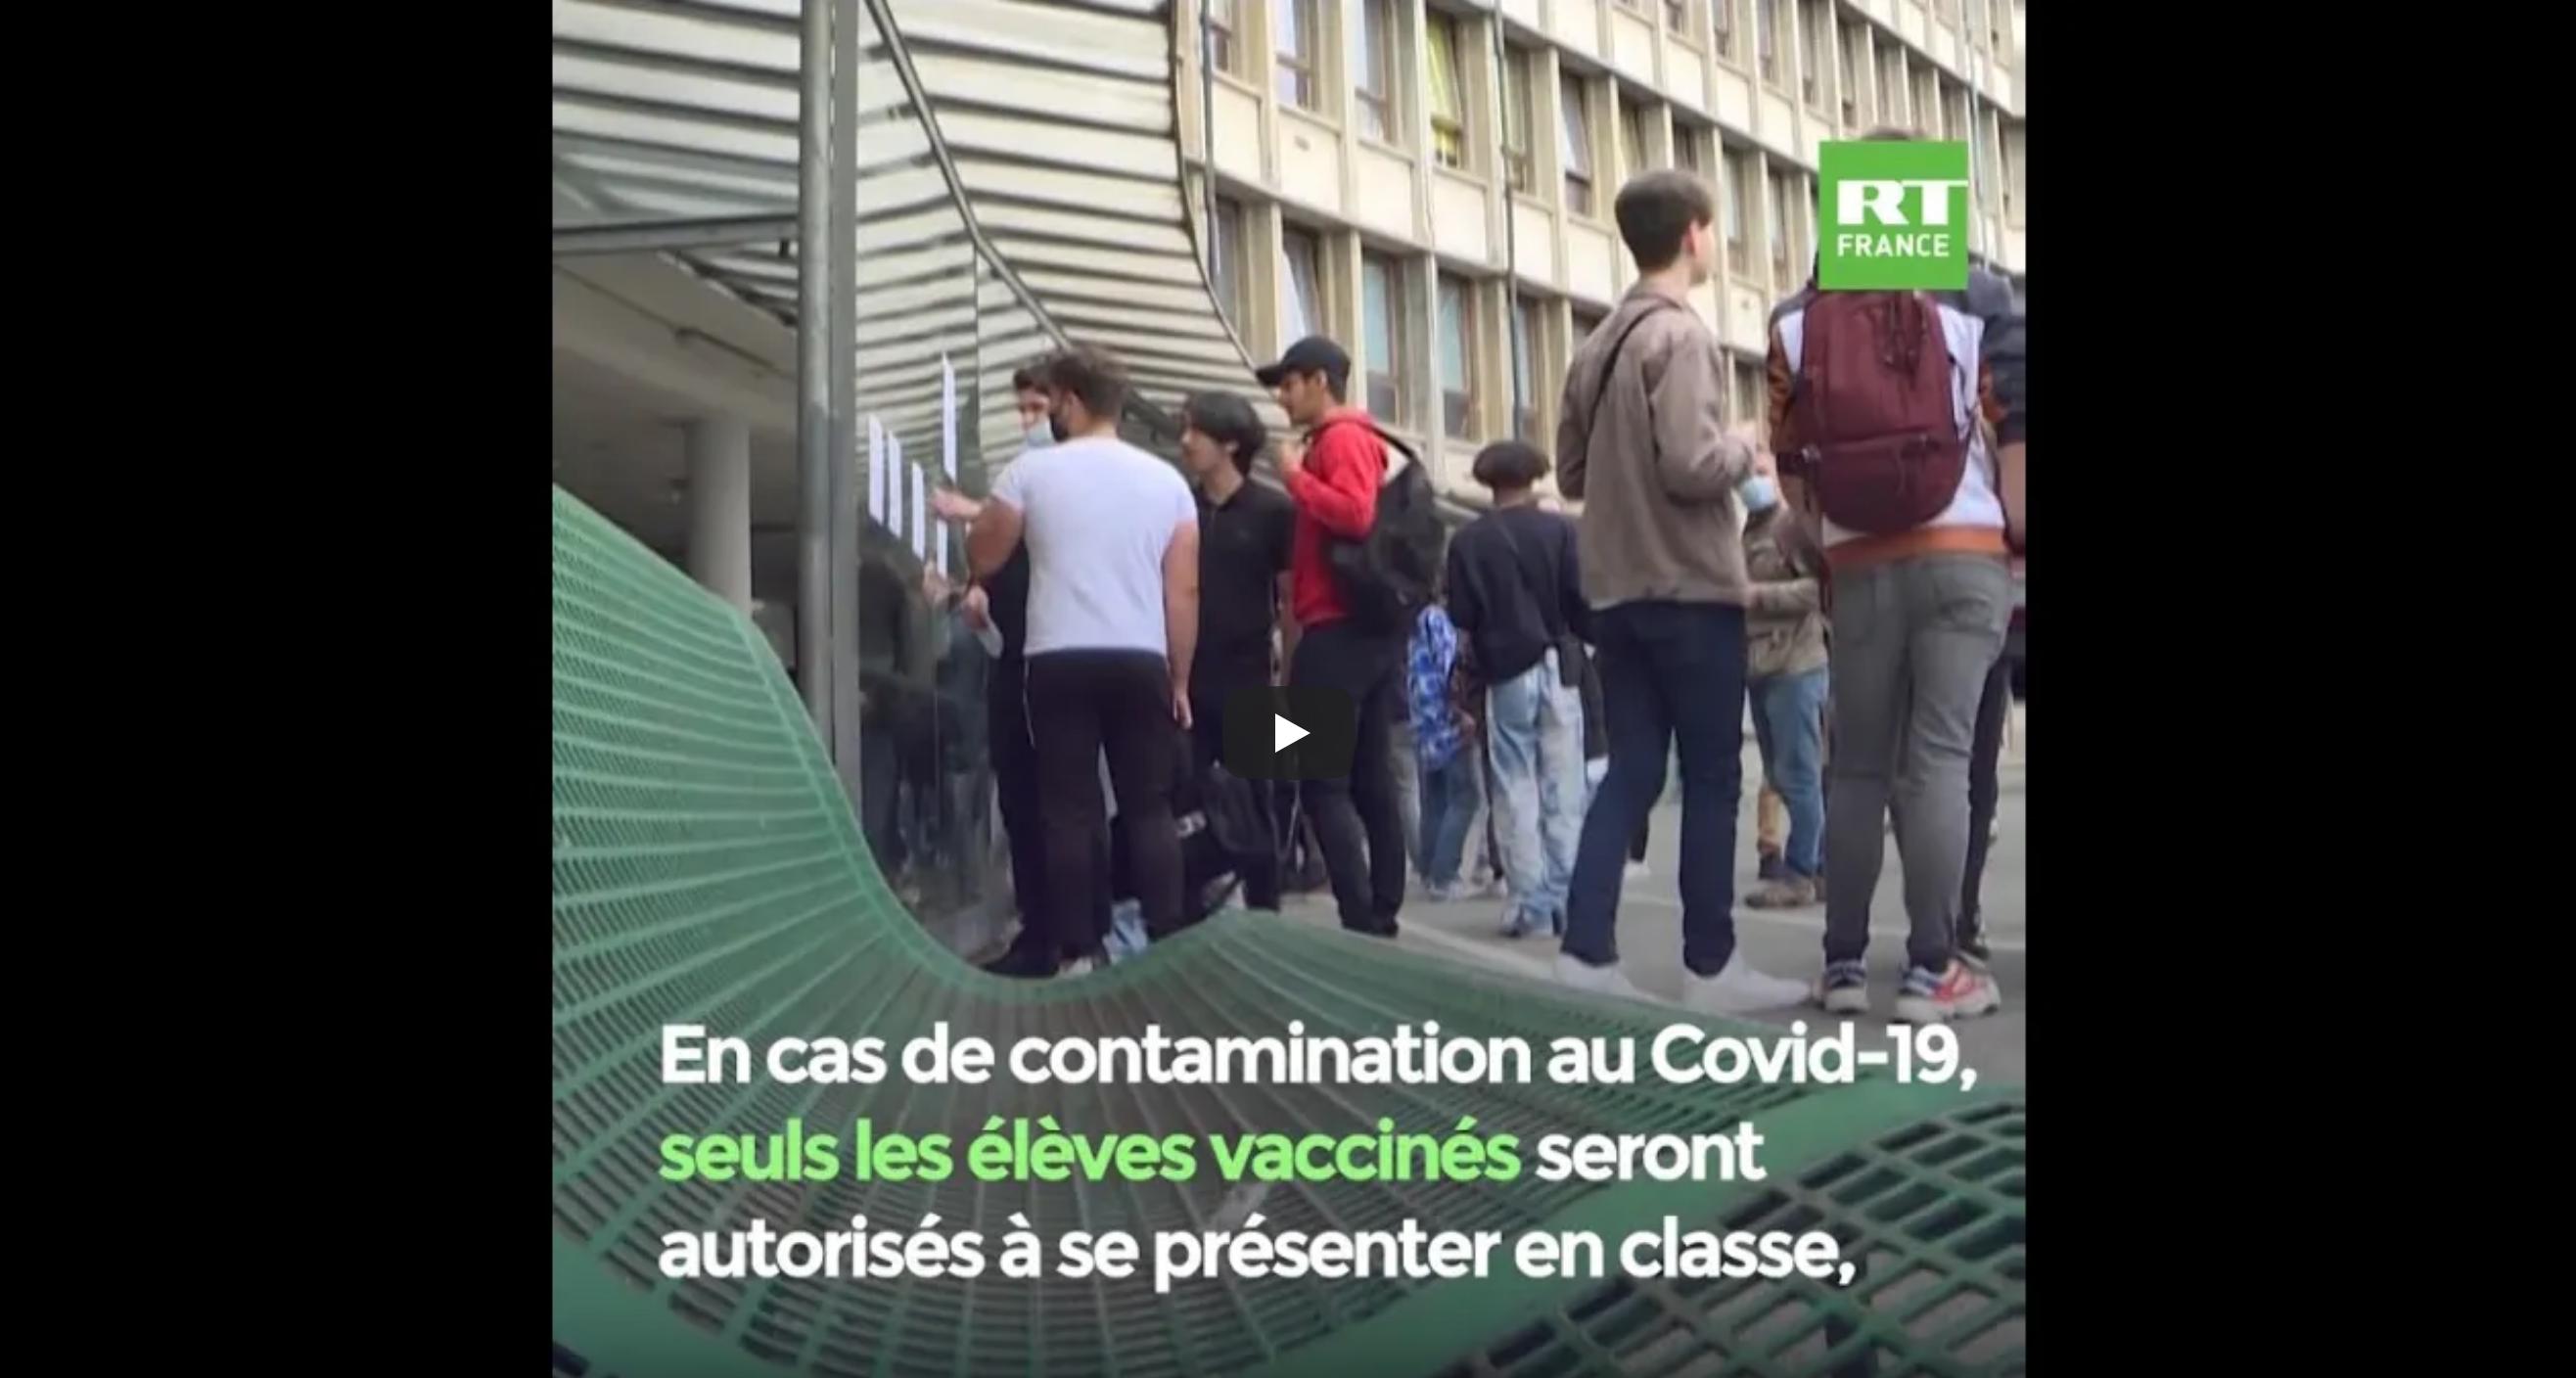 Protocole sanitaire : Jean-Michel Blanquer crée la polémique en stigmatisant les élèves non-vaccinés